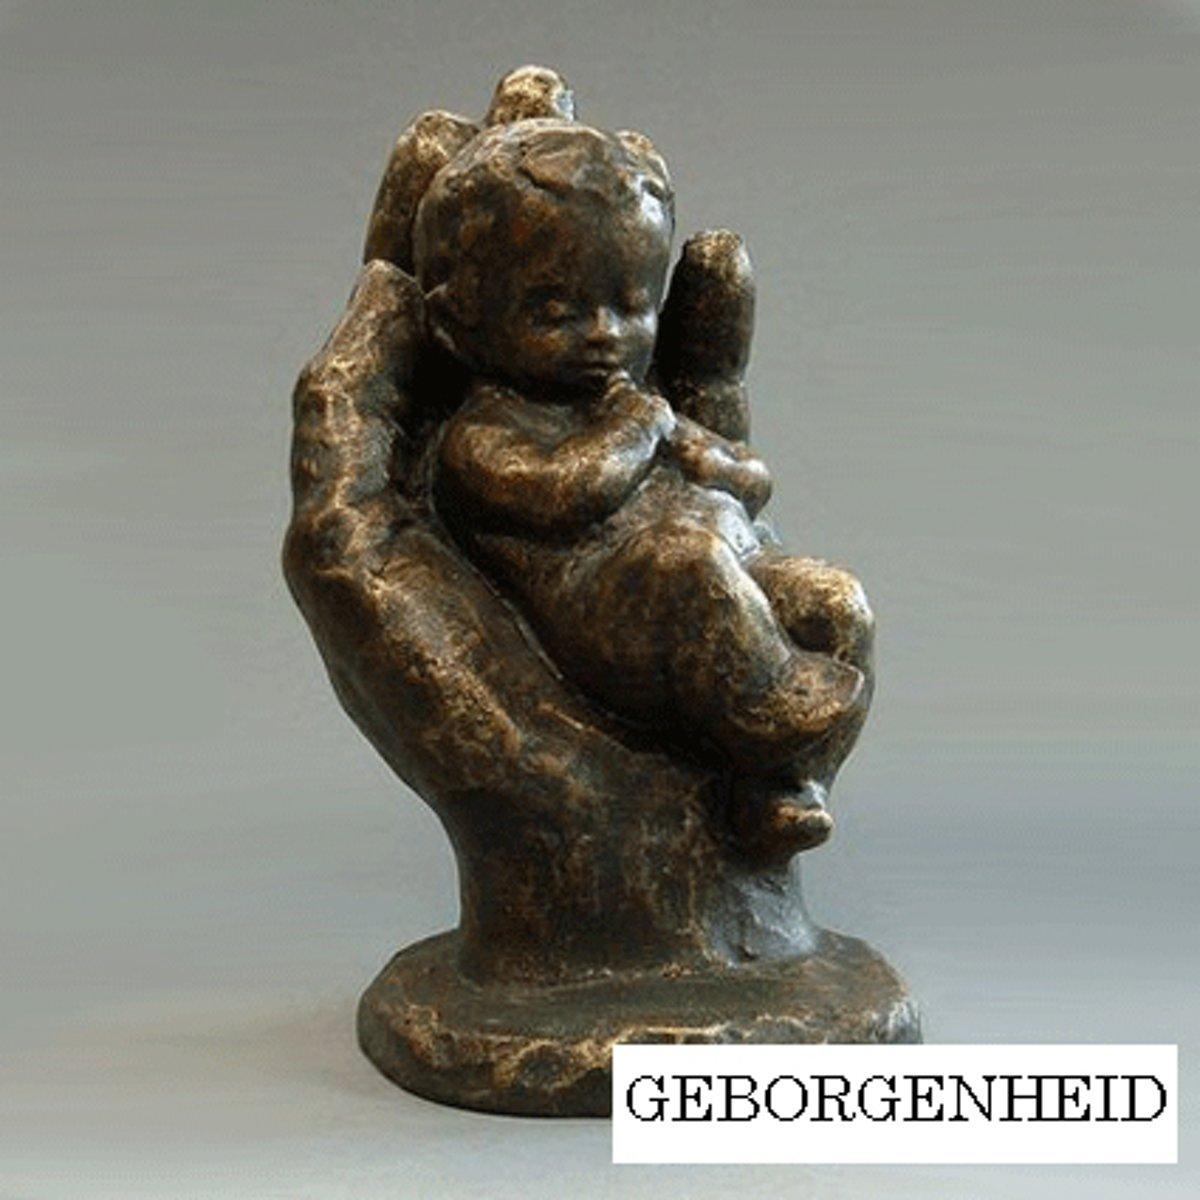 Parastone beeldje baby in hand - Geborgenheid - brons - 1226.20 - 5 cm hoog